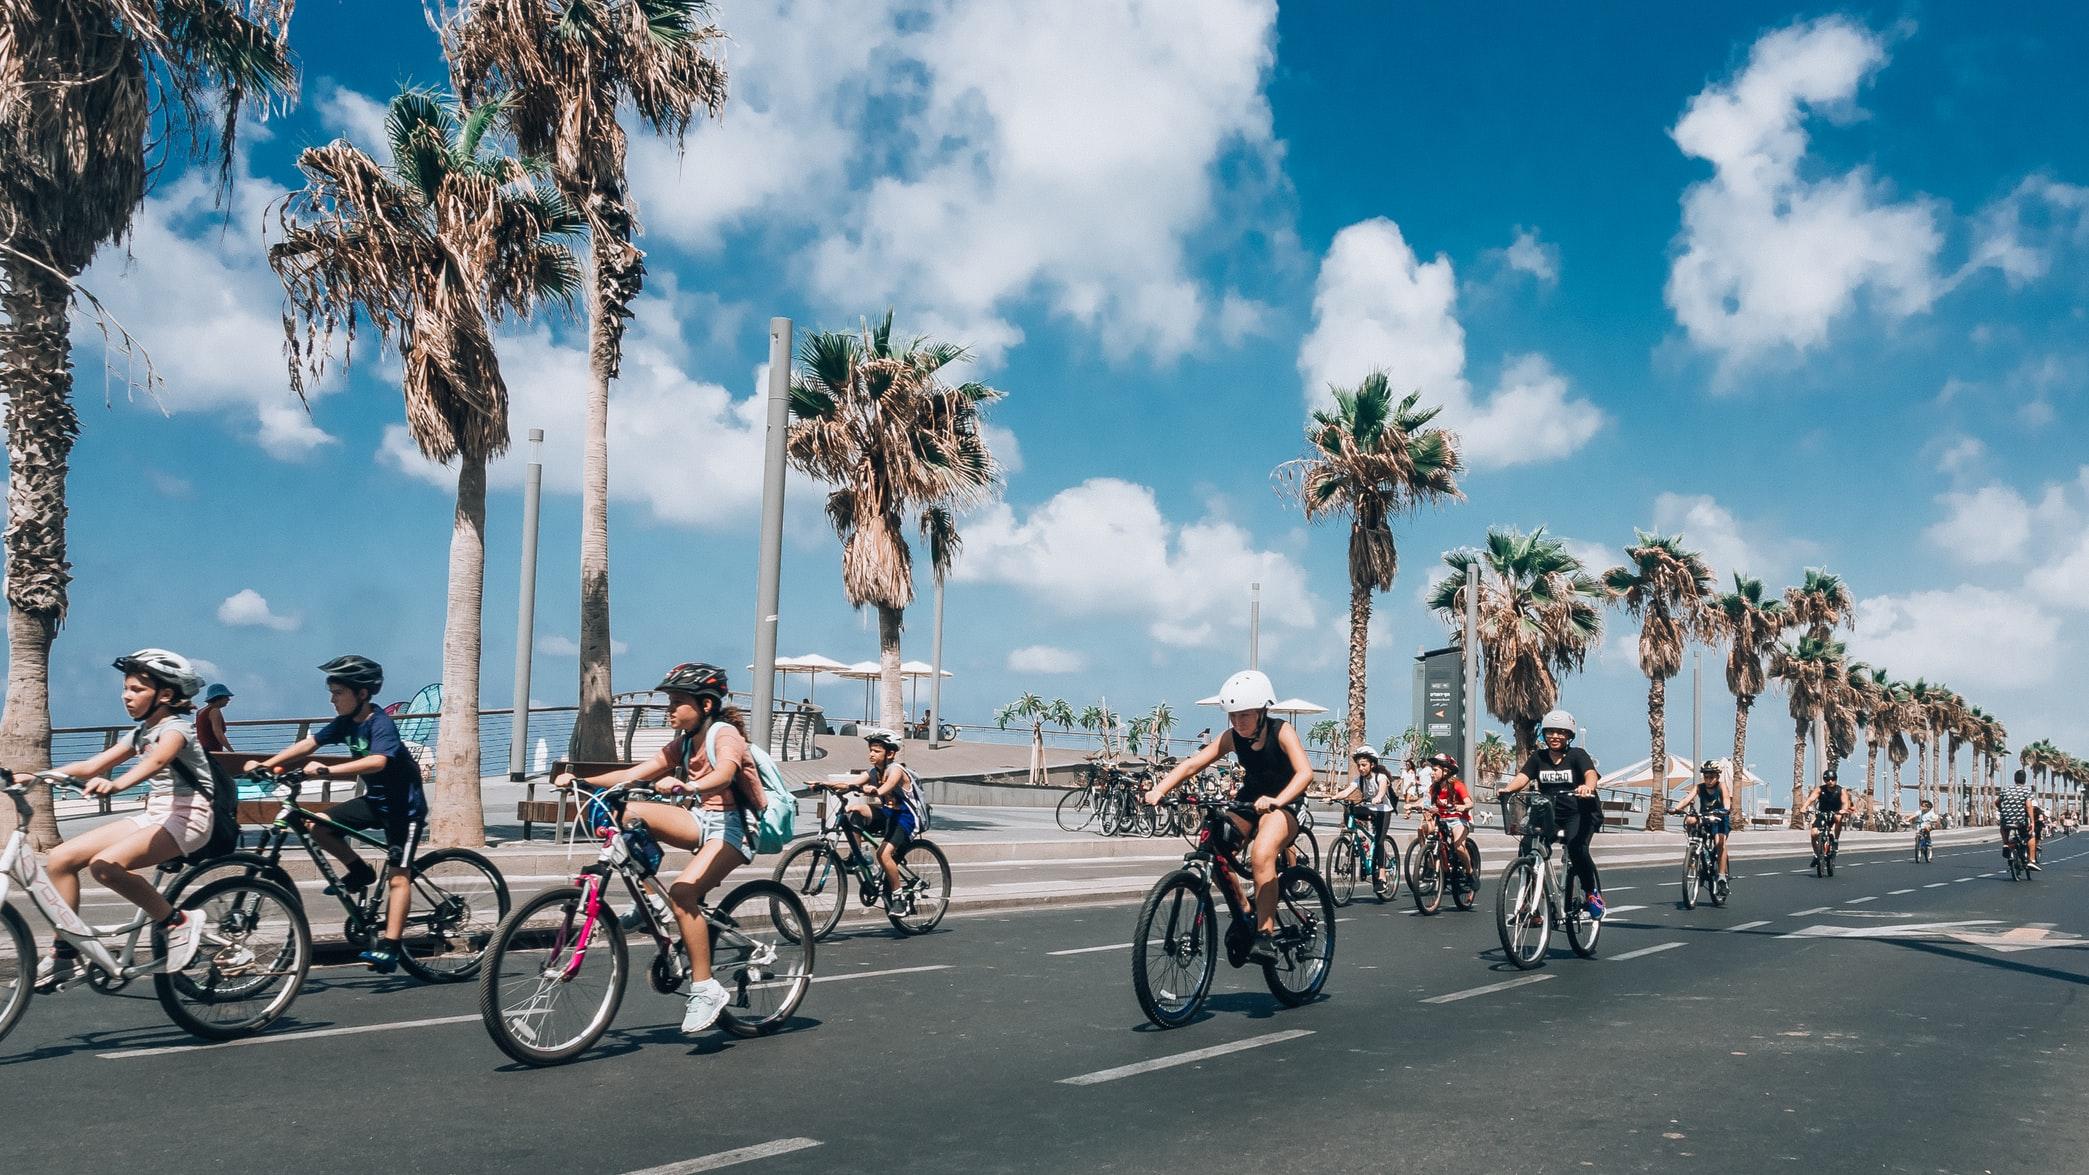 Zypern - das Fahrrad erobert die Straße